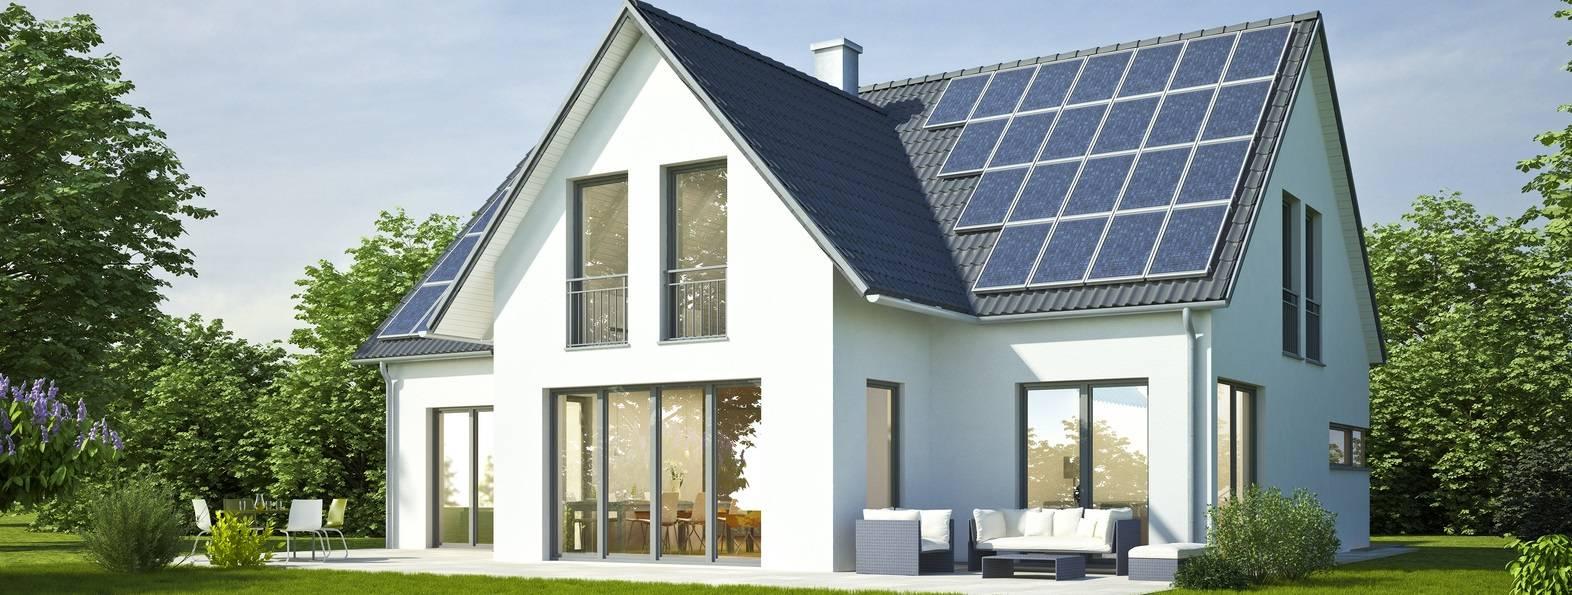 Verkauf/Vermittlung Immobilien